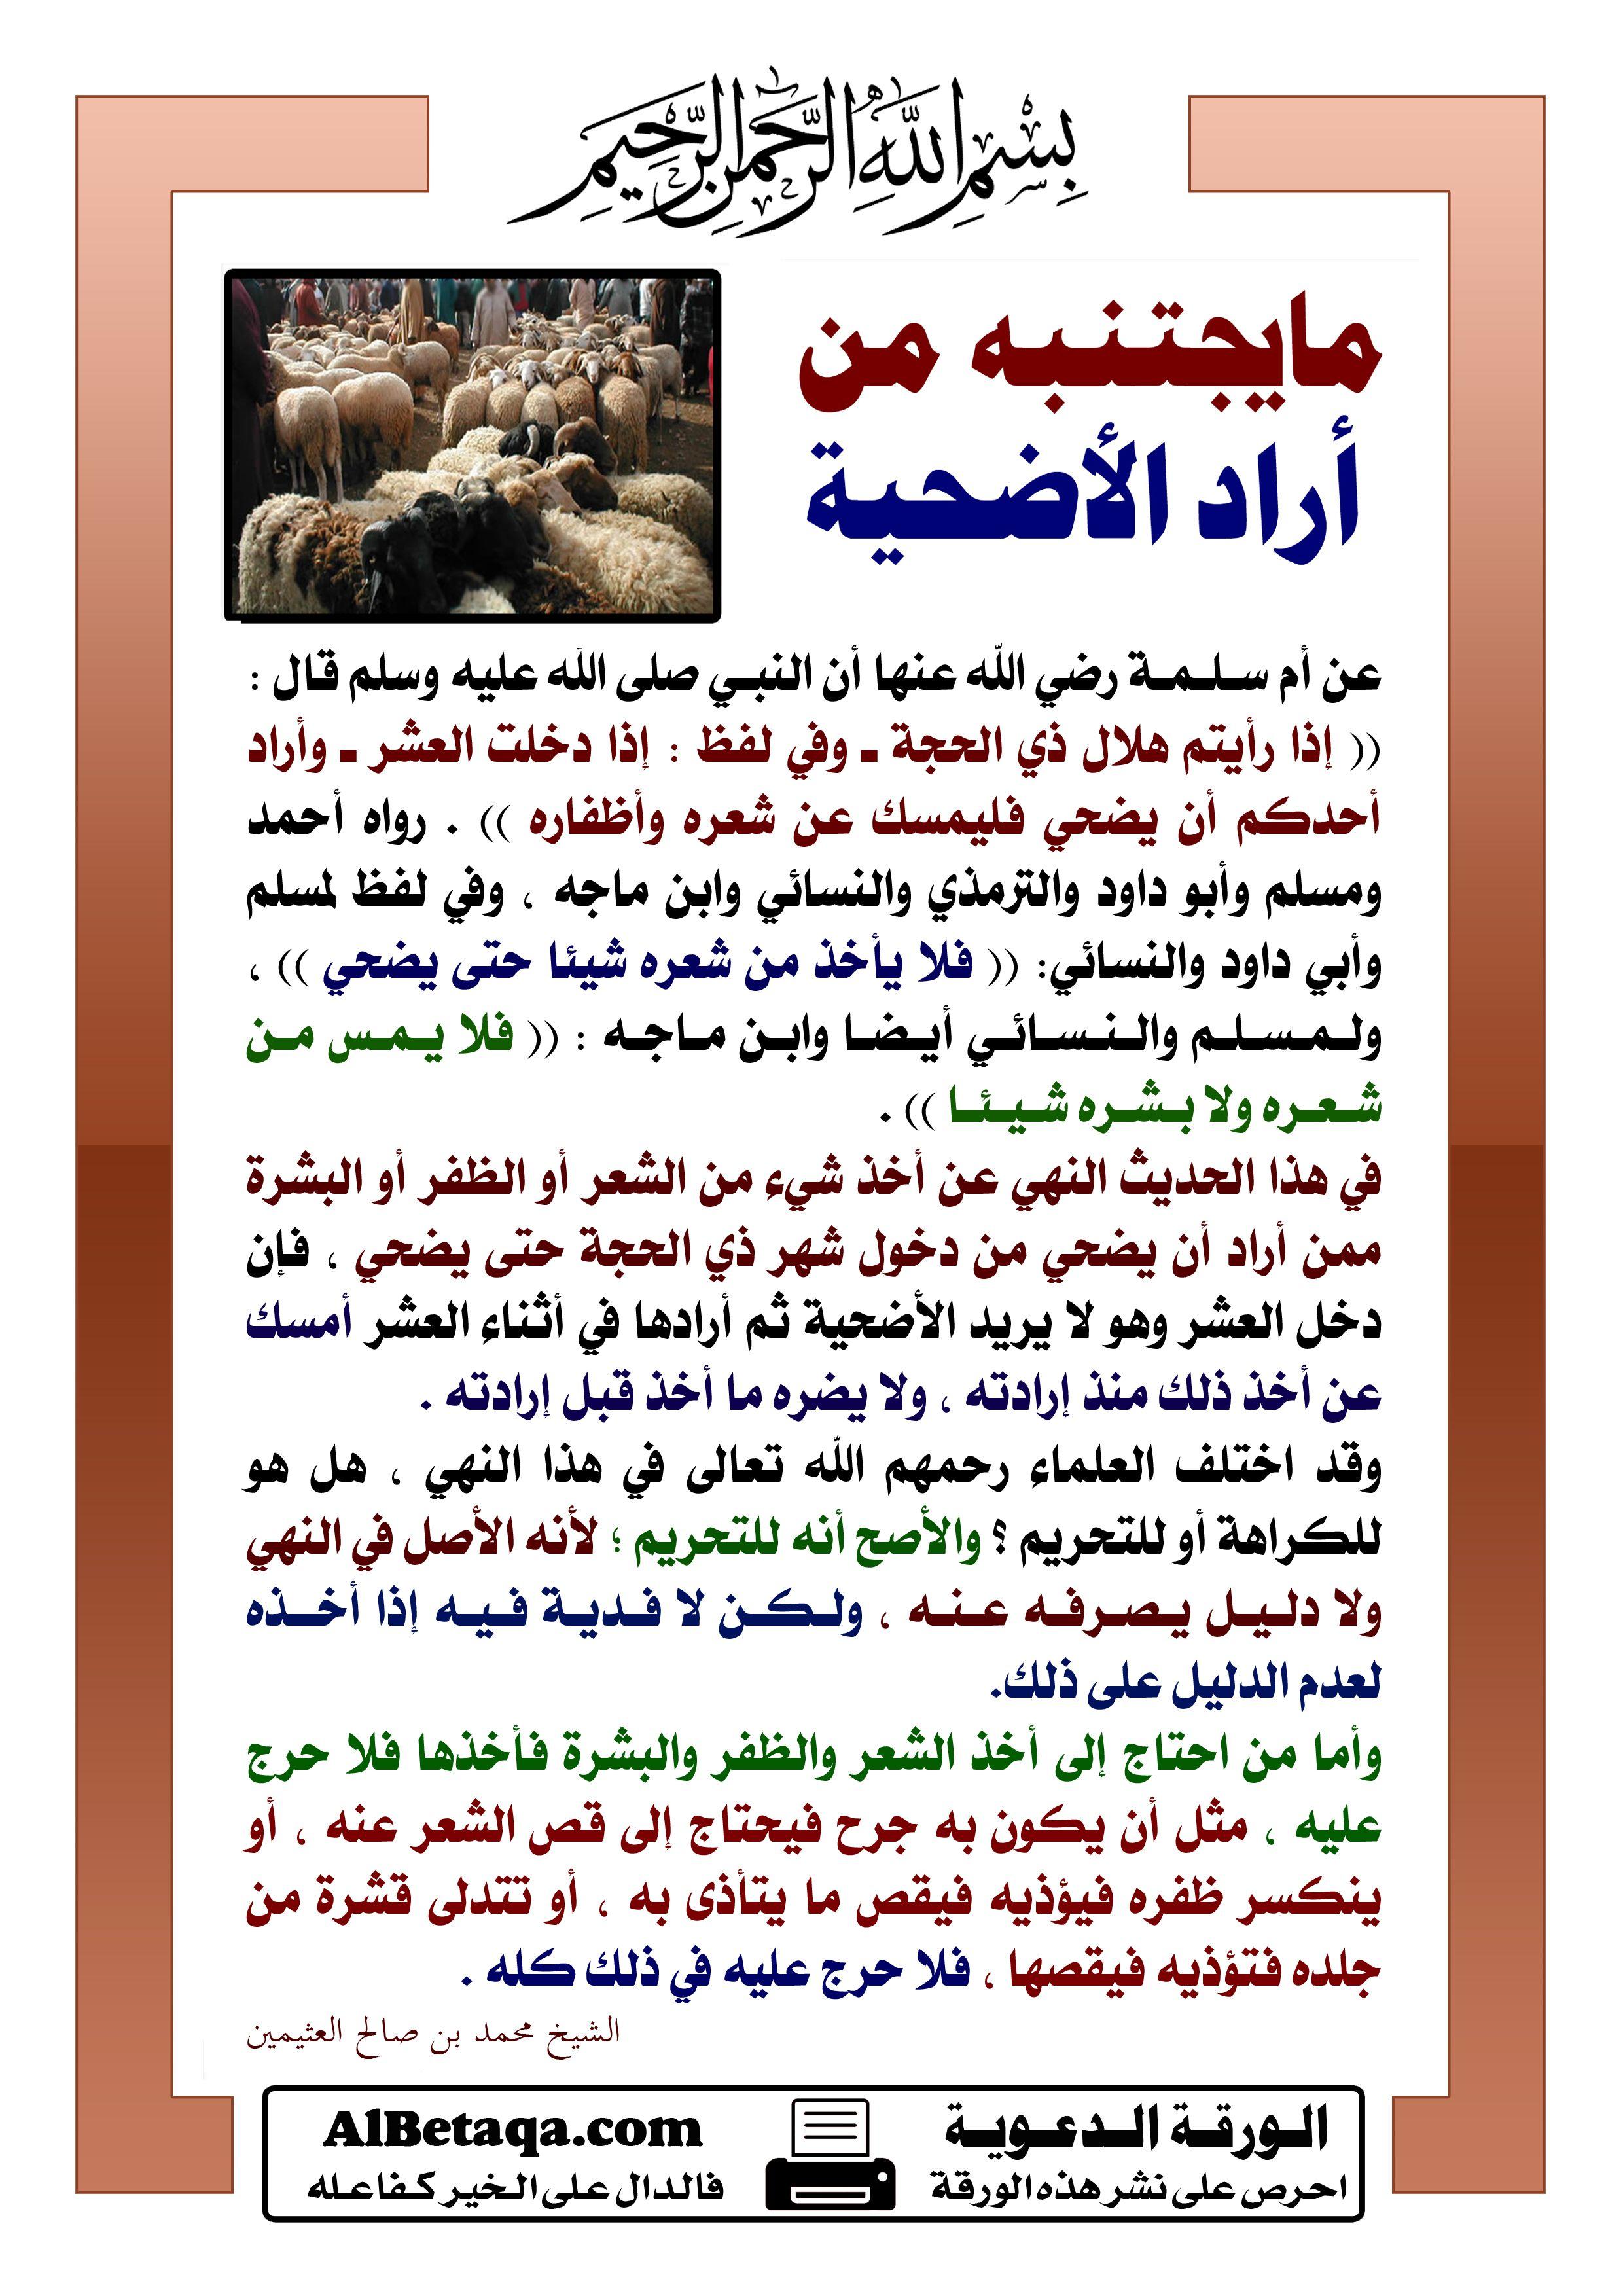 فضائل فوائد أحكام عشرة ذي الحجة والحج ويوم عرفة والأضحية Islam Islamic Qoutes Qoutes